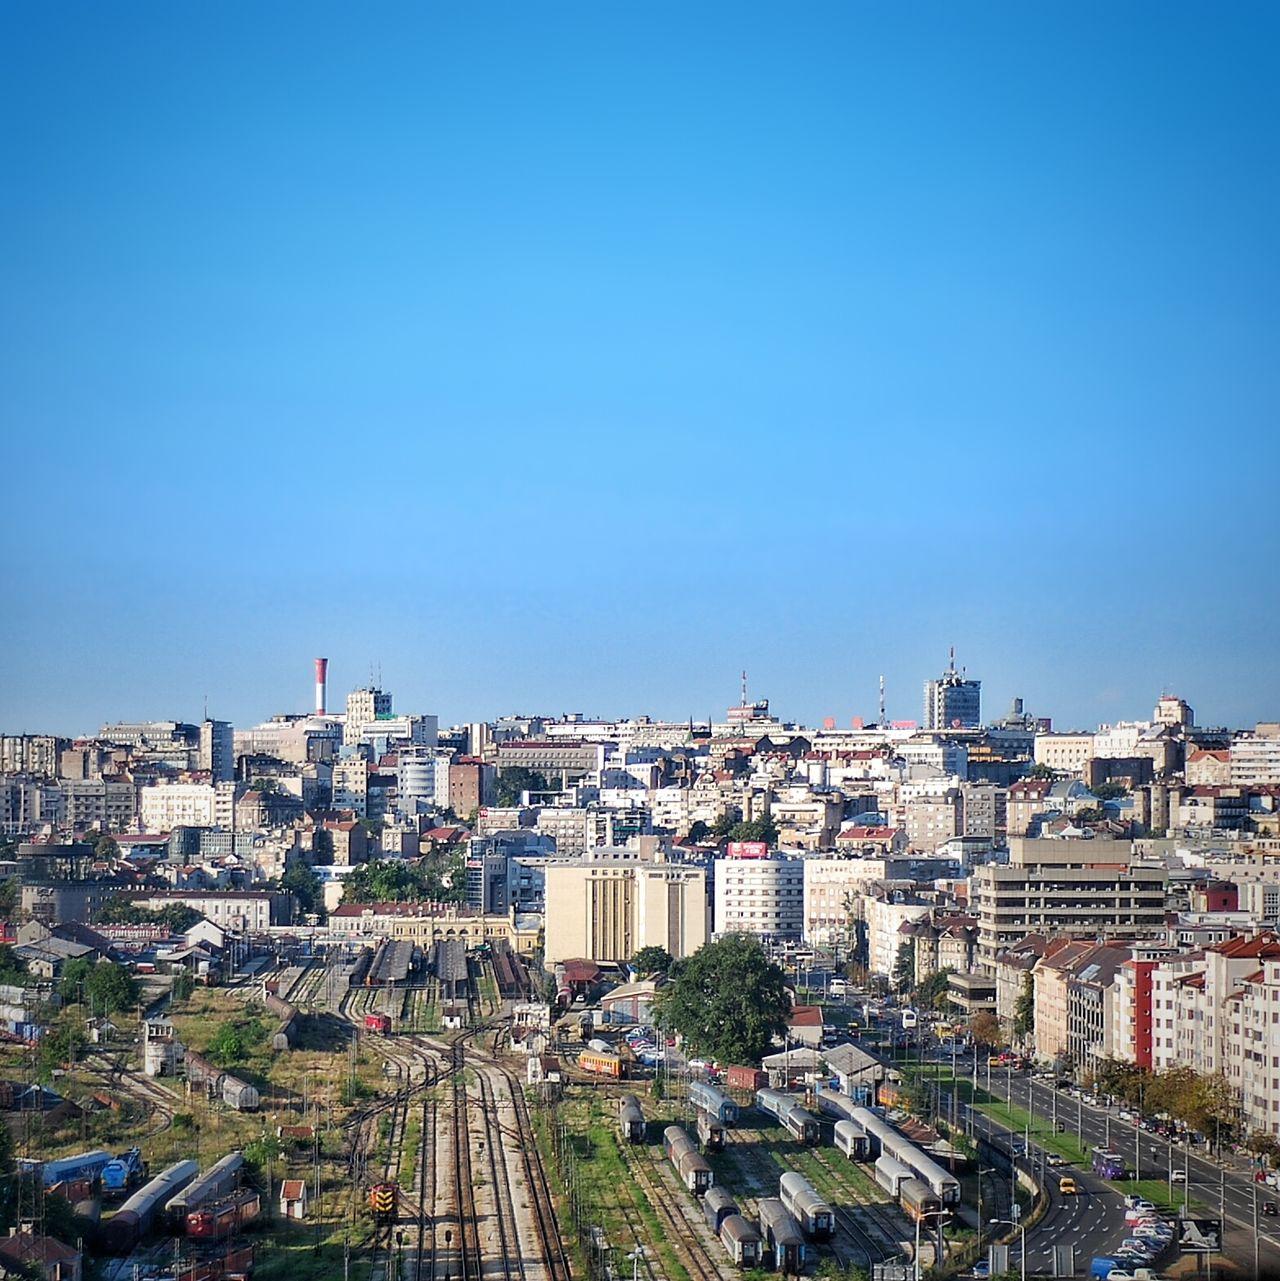 Architecture Belgrade Belgrade Waterfront City Cityscape Composition Perspective Savamala Urban Scene